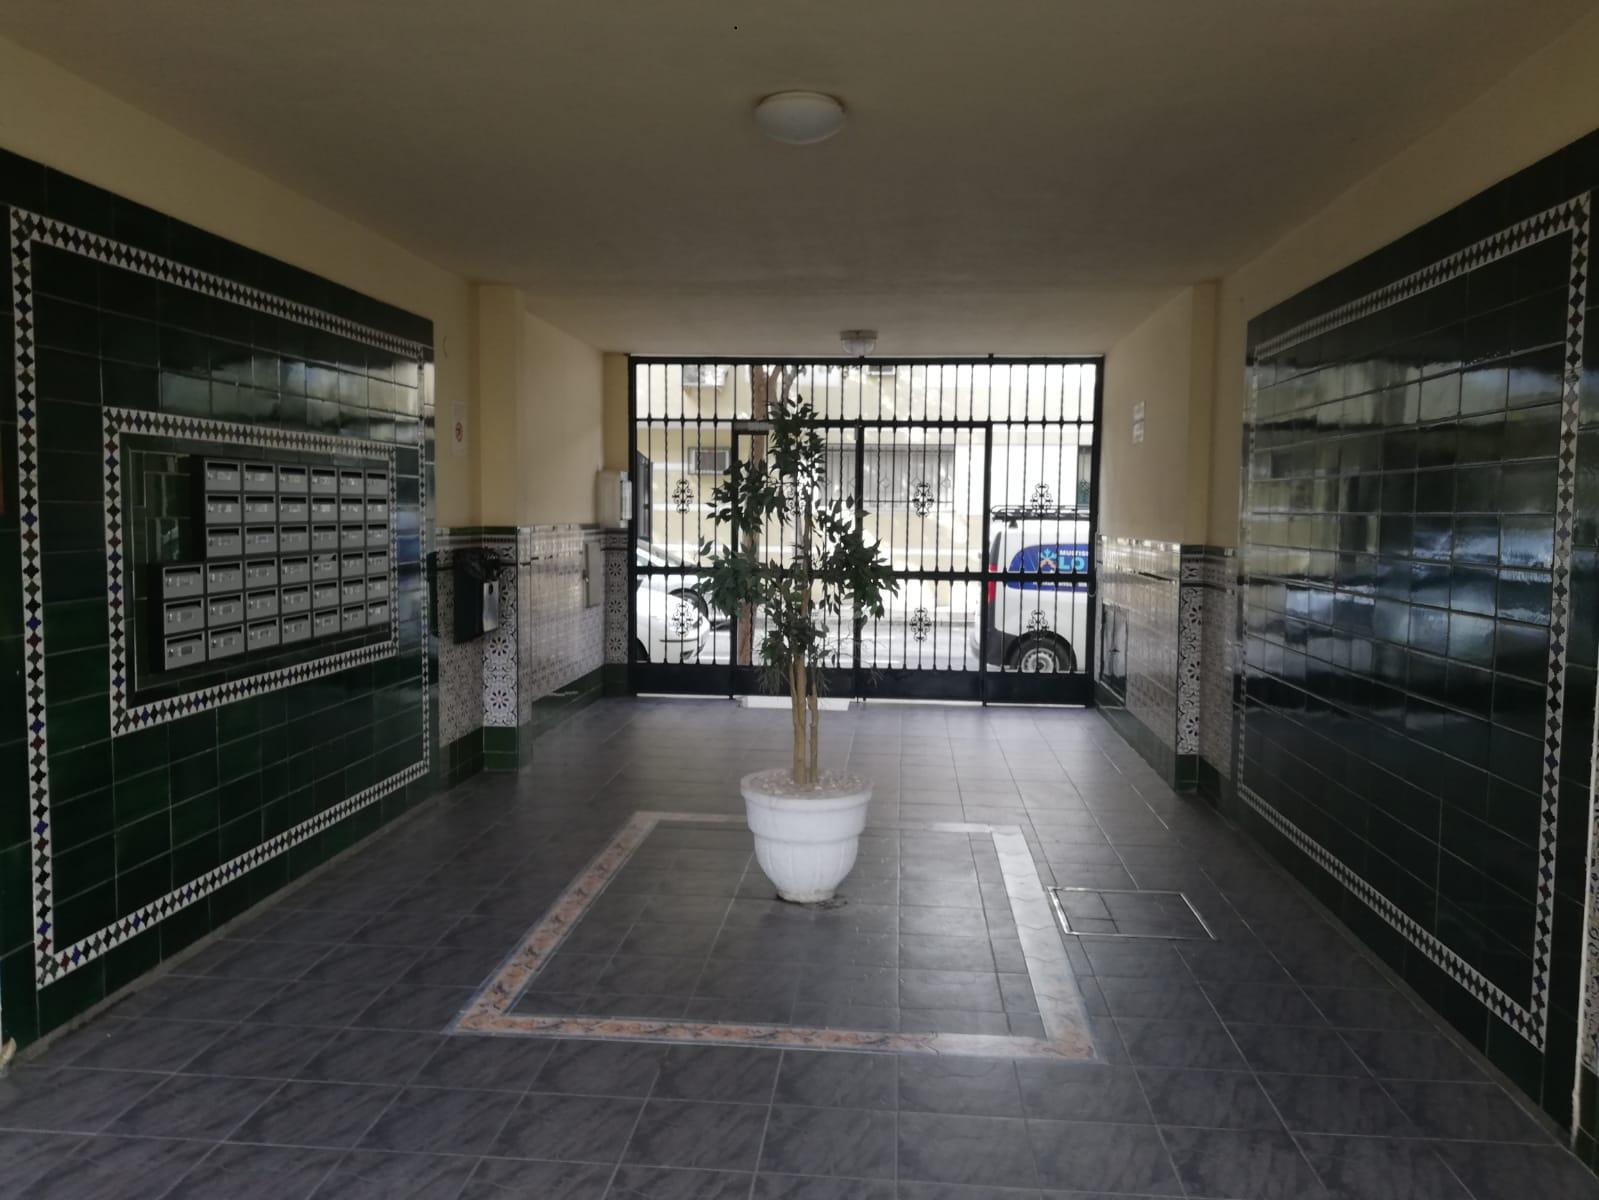 Piso en venta en Distrito Norte, Sevilla, Sevilla, Calle Estrella Polar, 101.000 €, 4 habitaciones, 2 baños, 115 m2